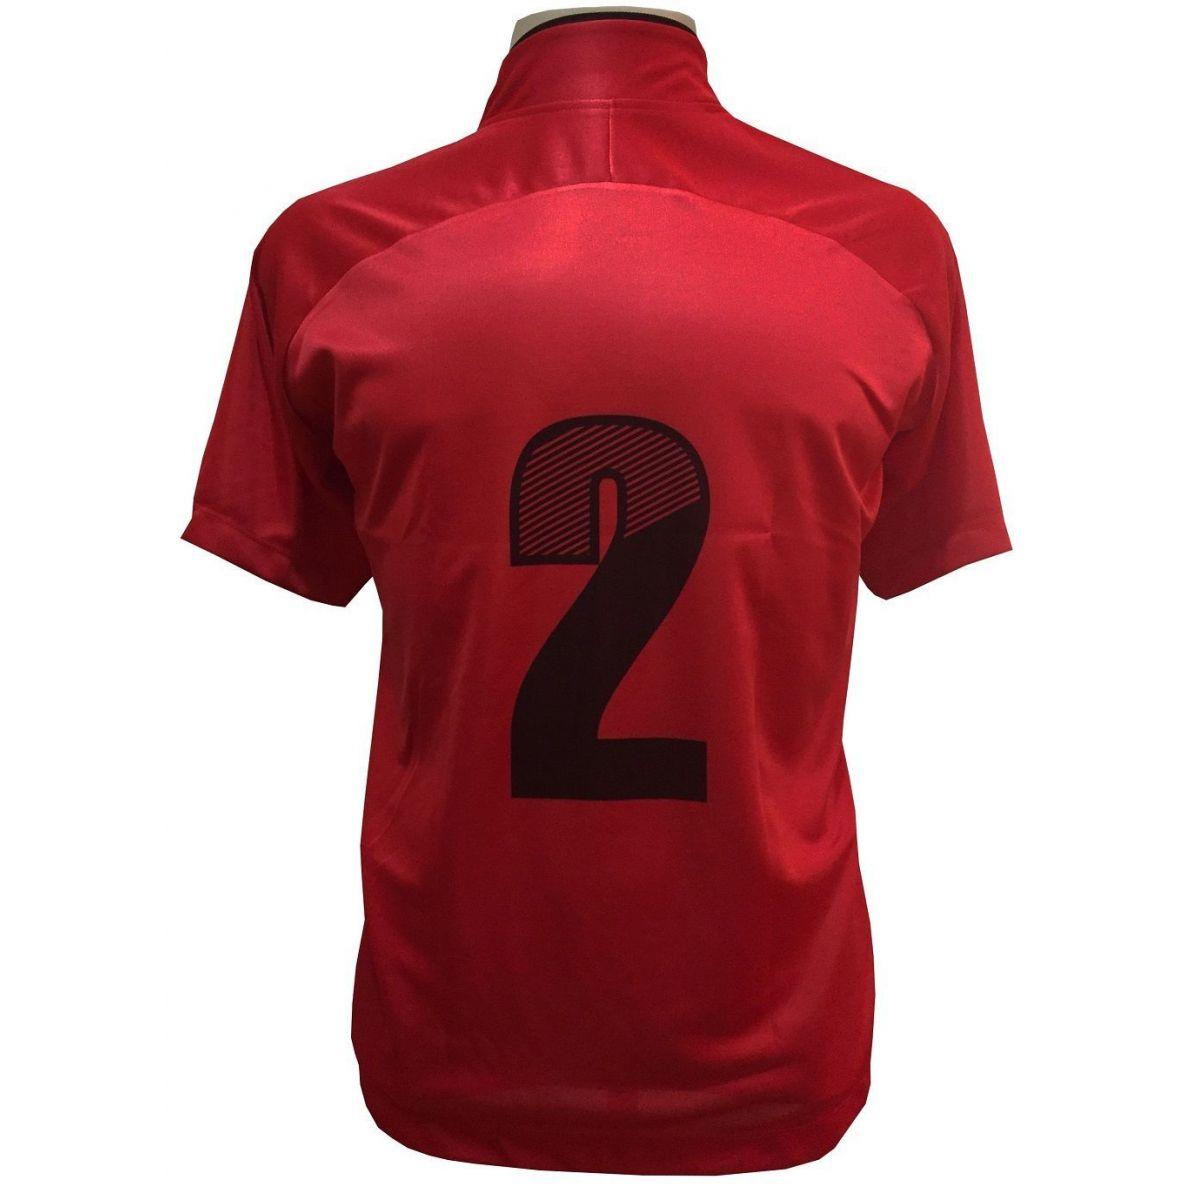 Uniforme Esportivo com 12 Camisas modelo City Vermelho/Preto + 12 Calções modelo Madrid Vermelho + 12 Pares de meiões Vermelho   - ESTAÇÃO DO ESPORTE